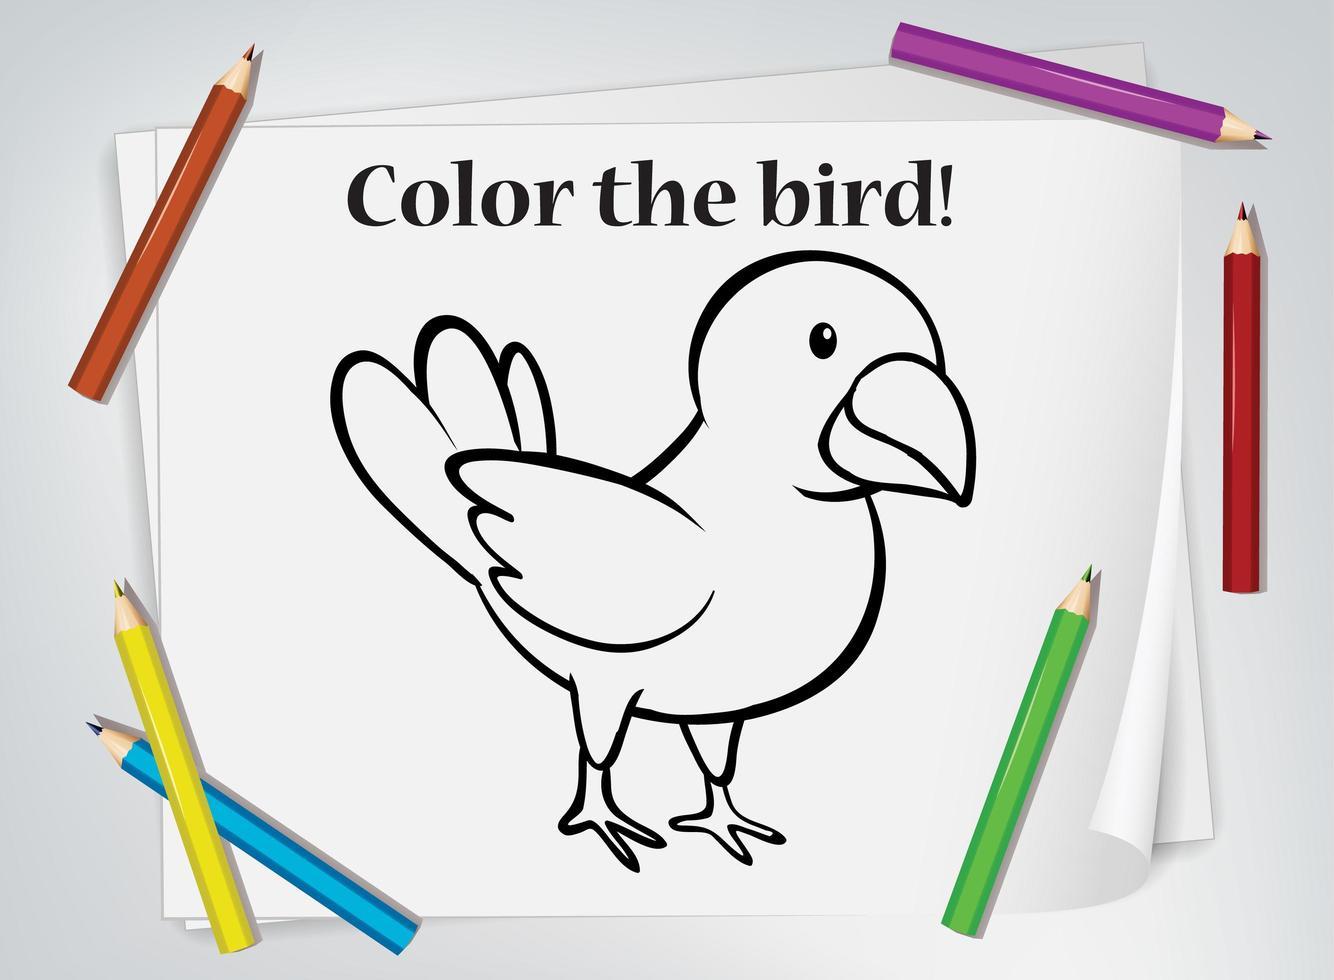 Vogel Malvorlage zum Ausmalen vektor